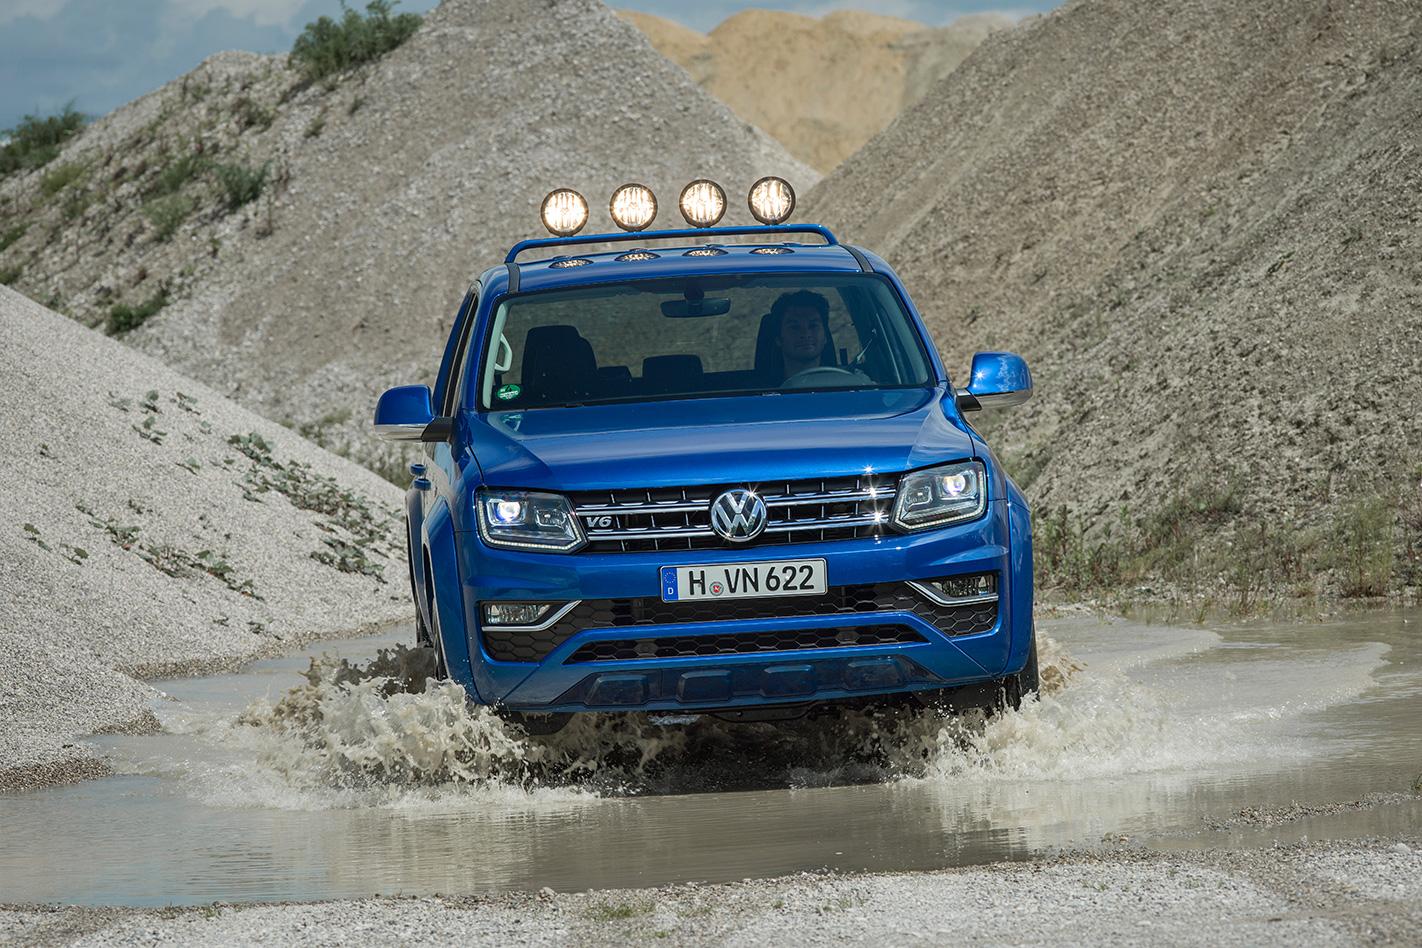 Volkswagen Amarok Aventura driving water